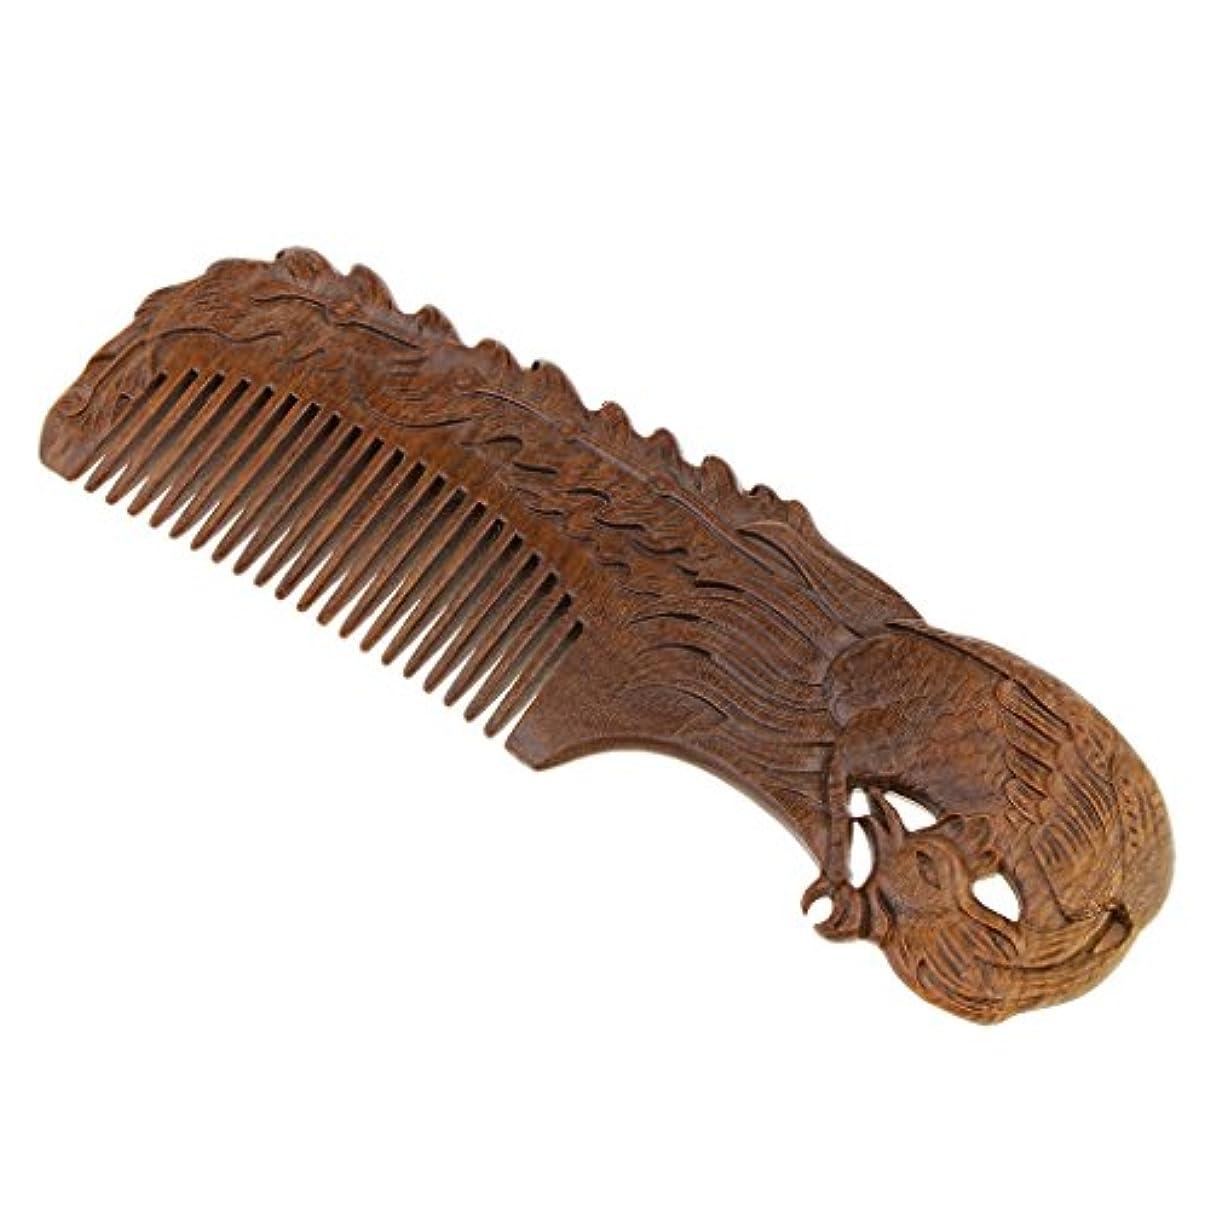 偶然の専門知識踏みつけ全2種類 木製 櫛 ウッドコーム ヘアブラシ ヘアコーム 頭皮マッサージ ギフト - Phoenix